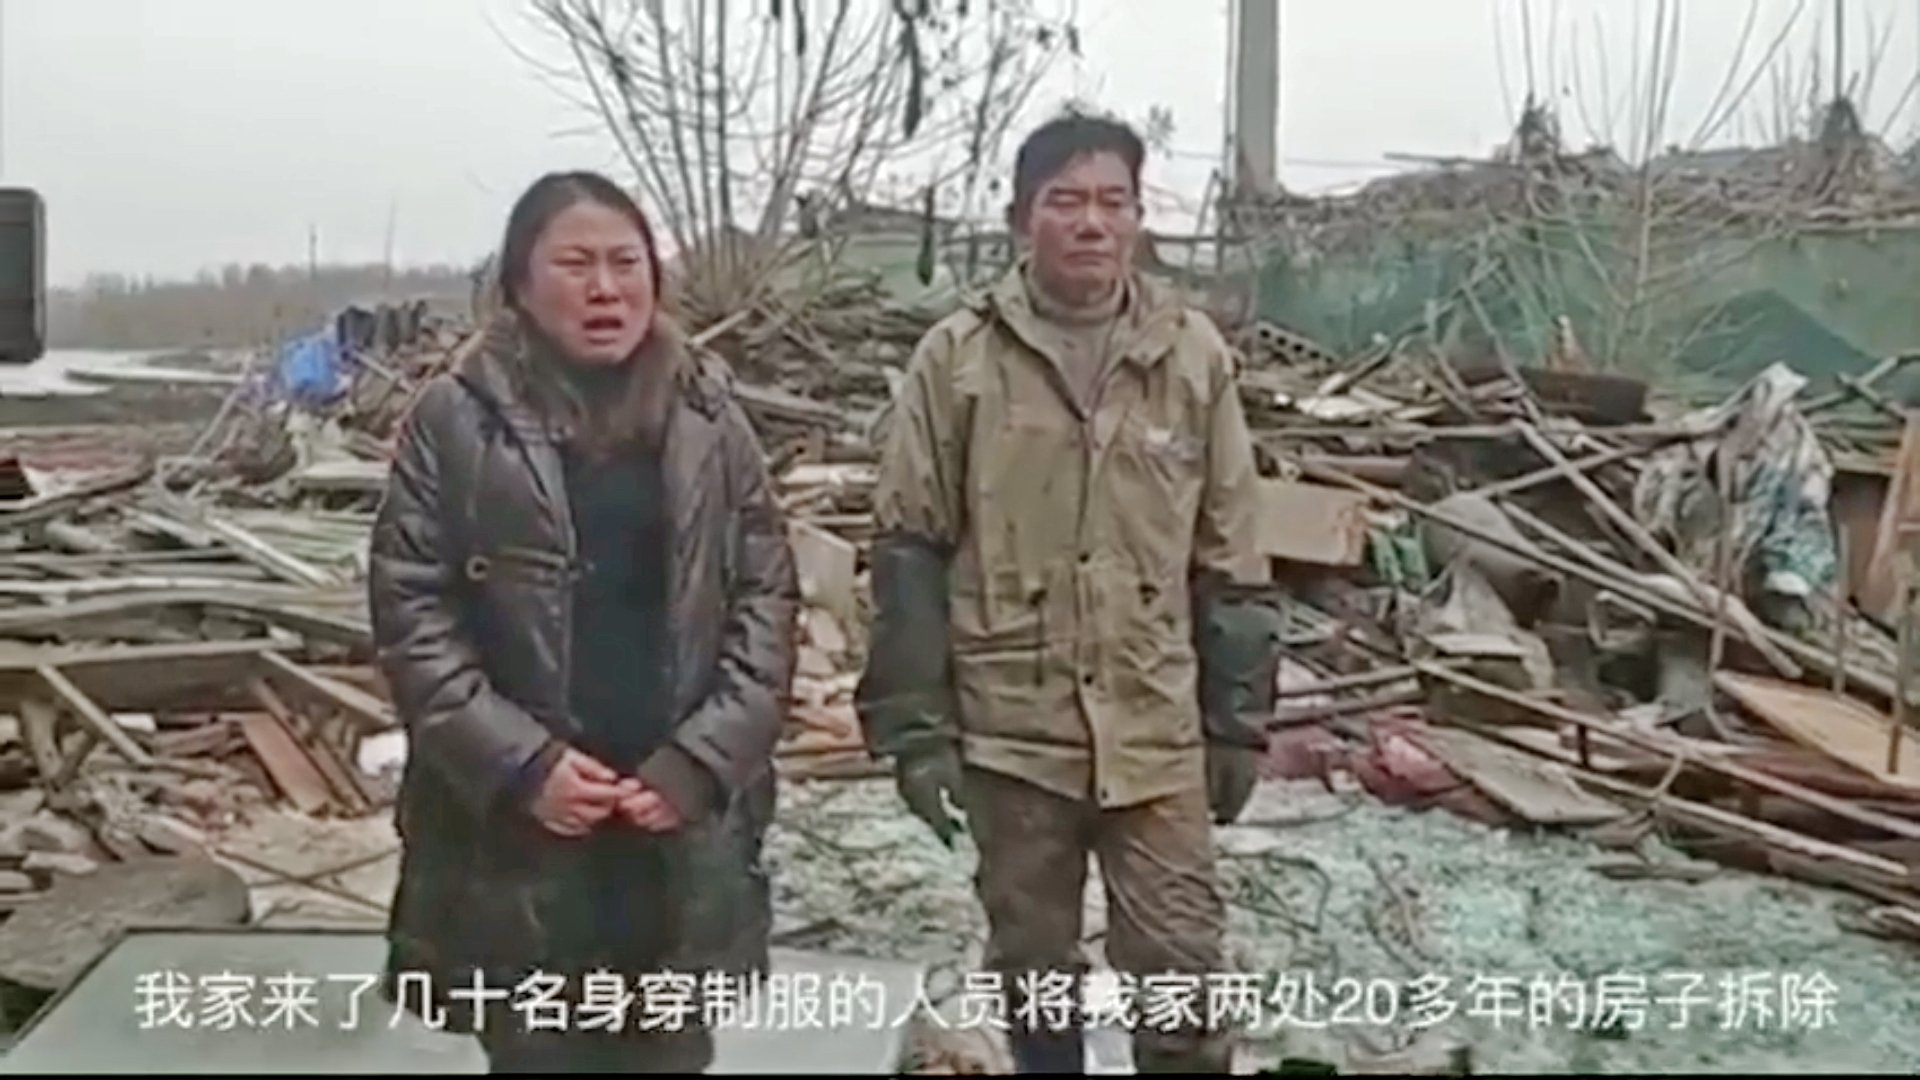 過年前強拆 孕婦張勝男(右側是她父親)哭喊:請給我一條生路!(影片截圖)